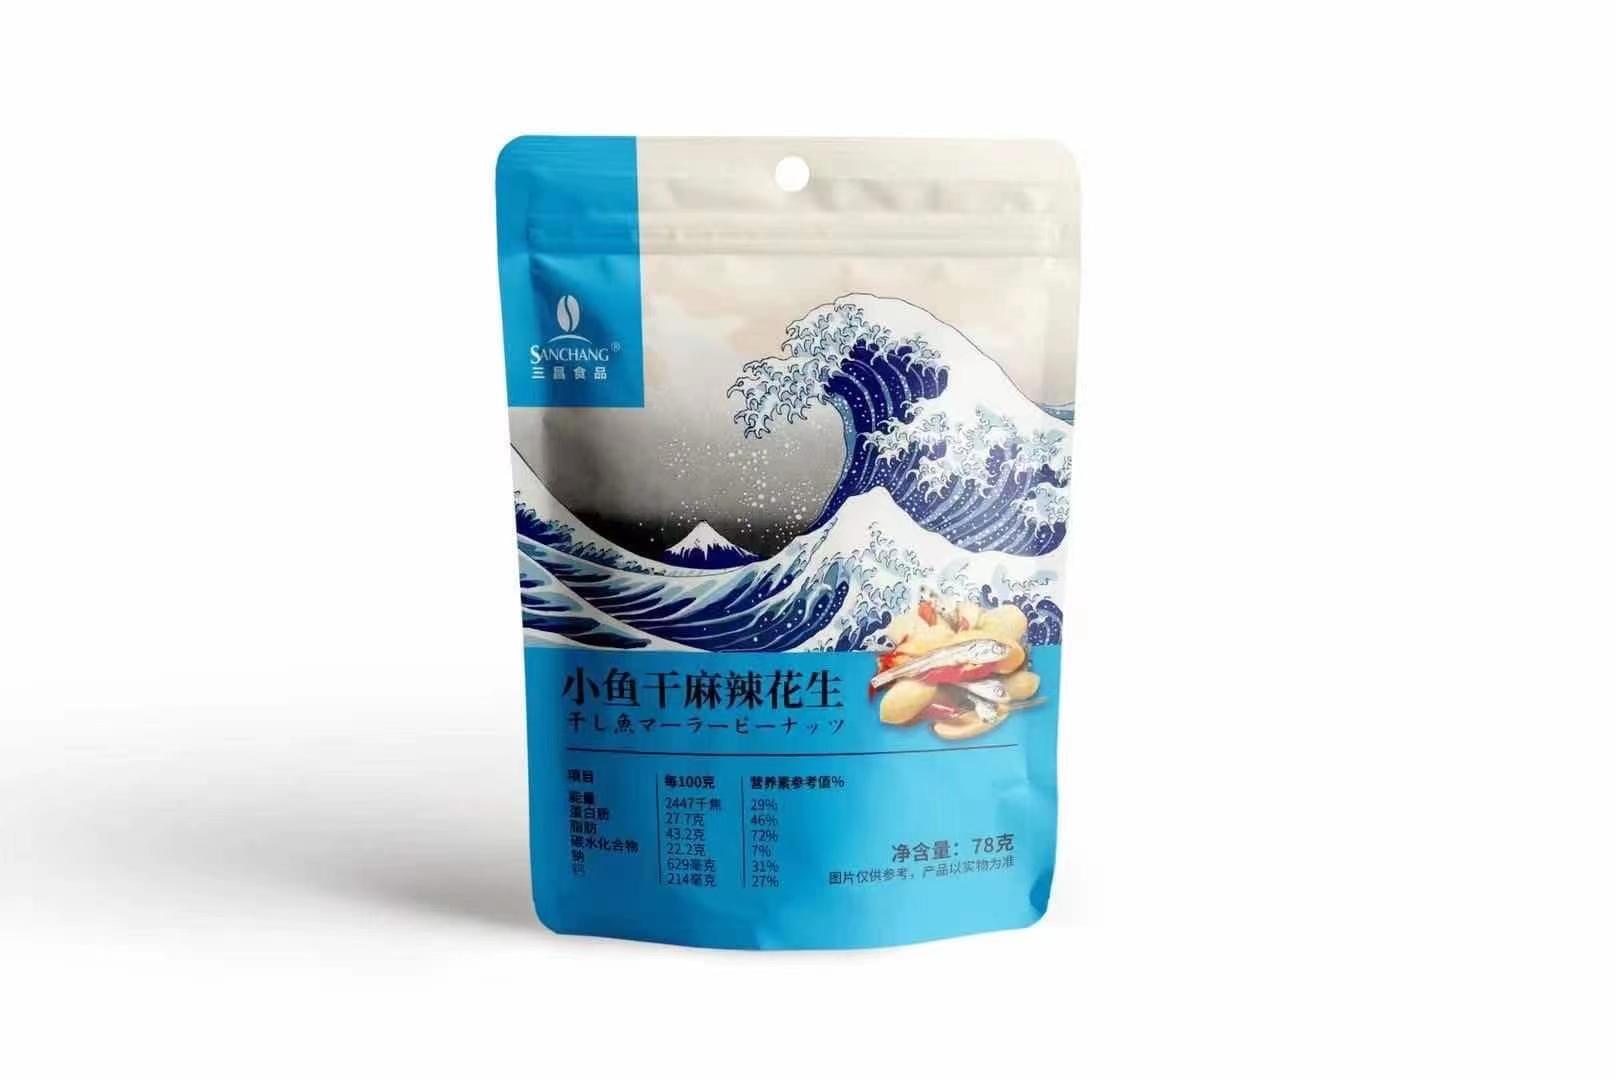 海鲜麻辣花生 3